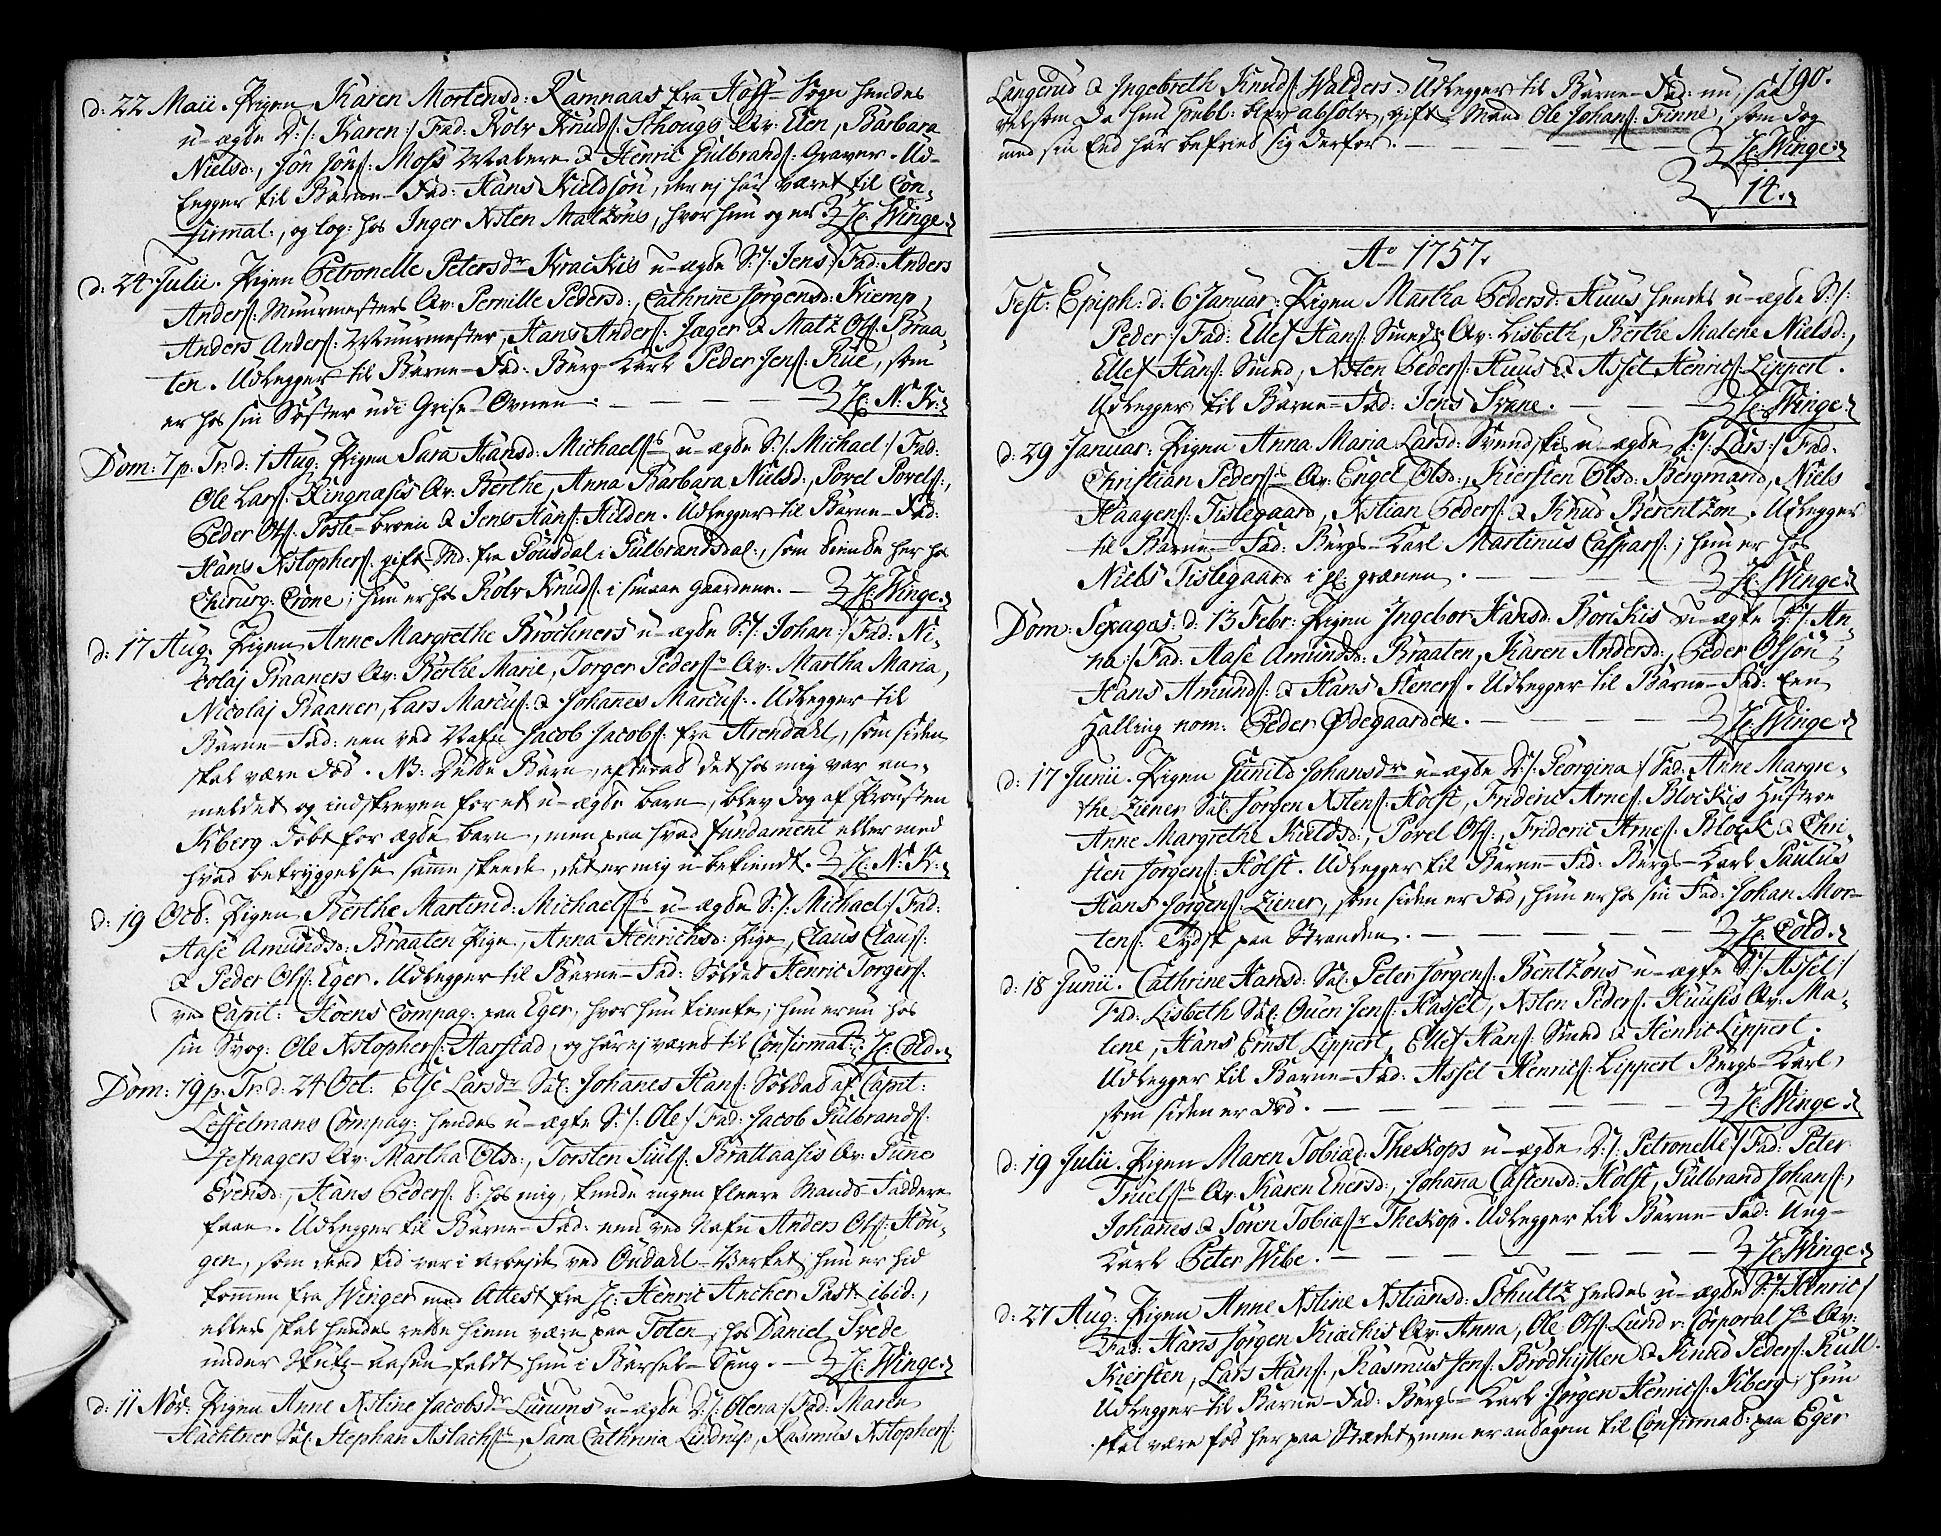 SAKO, Kongsberg kirkebøker, F/Fa/L0004: Ministerialbok nr. I 4, 1756-1768, s. 190